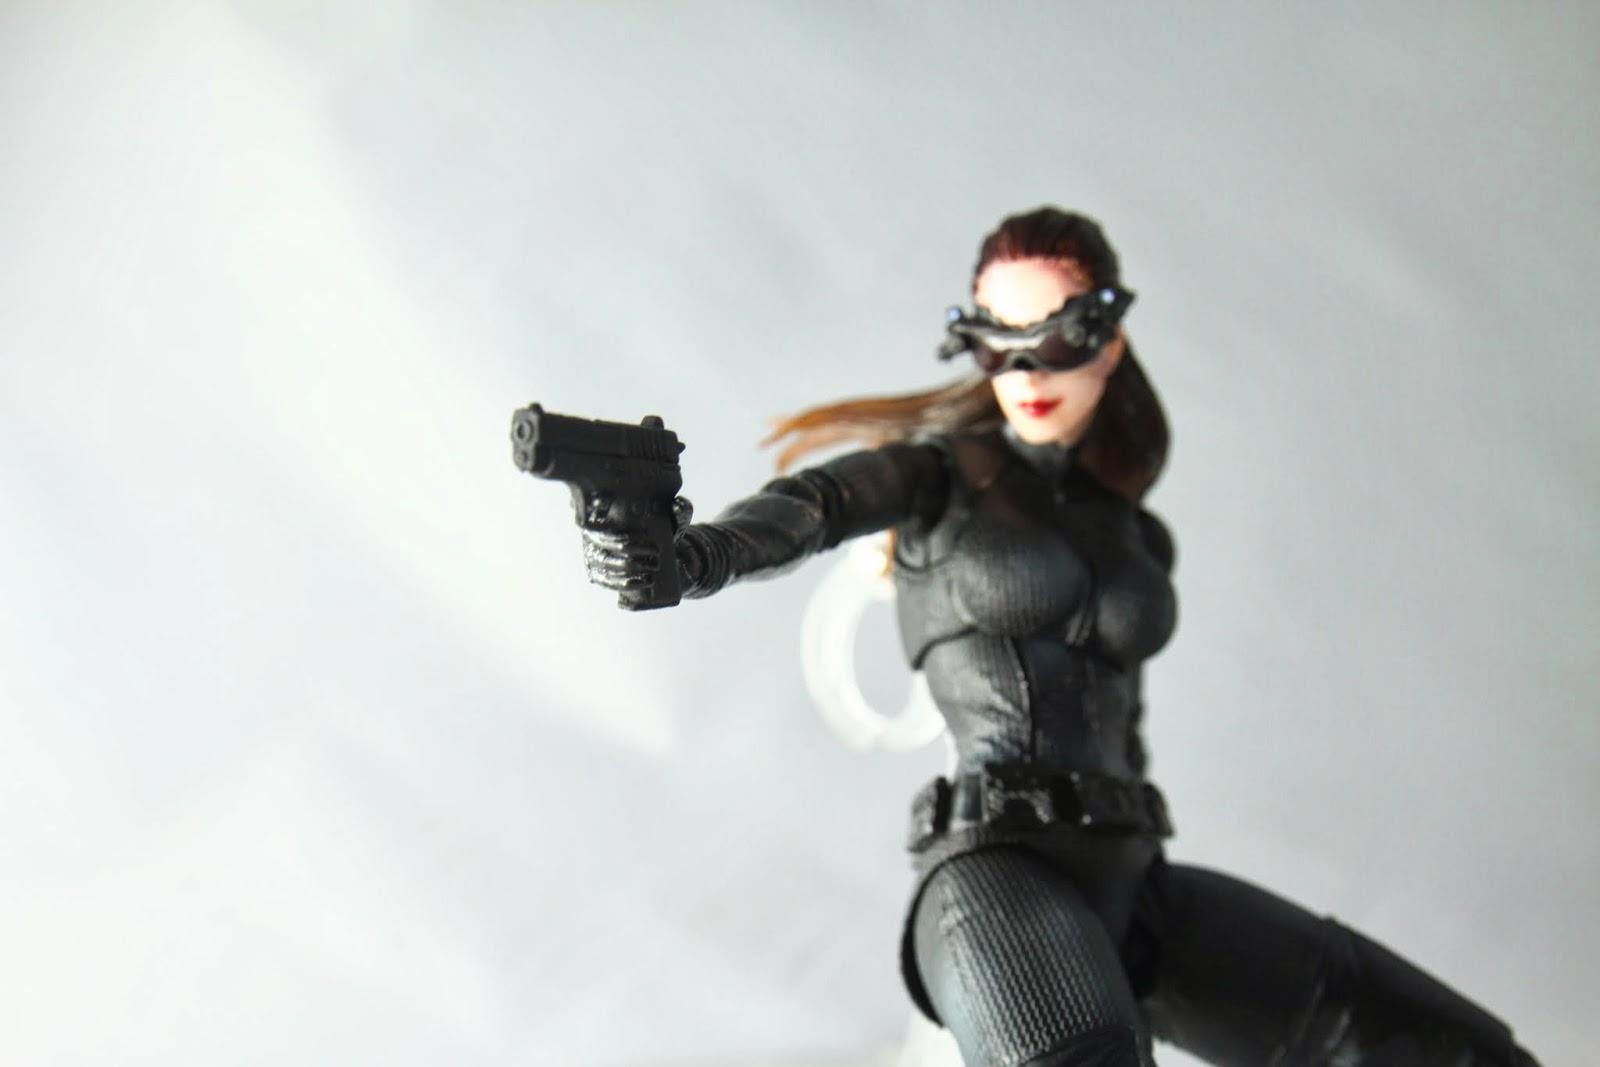 手槍一把 但電影裡也不是她的 而且沒多久就被蝙蝠俠丟掉了喵~